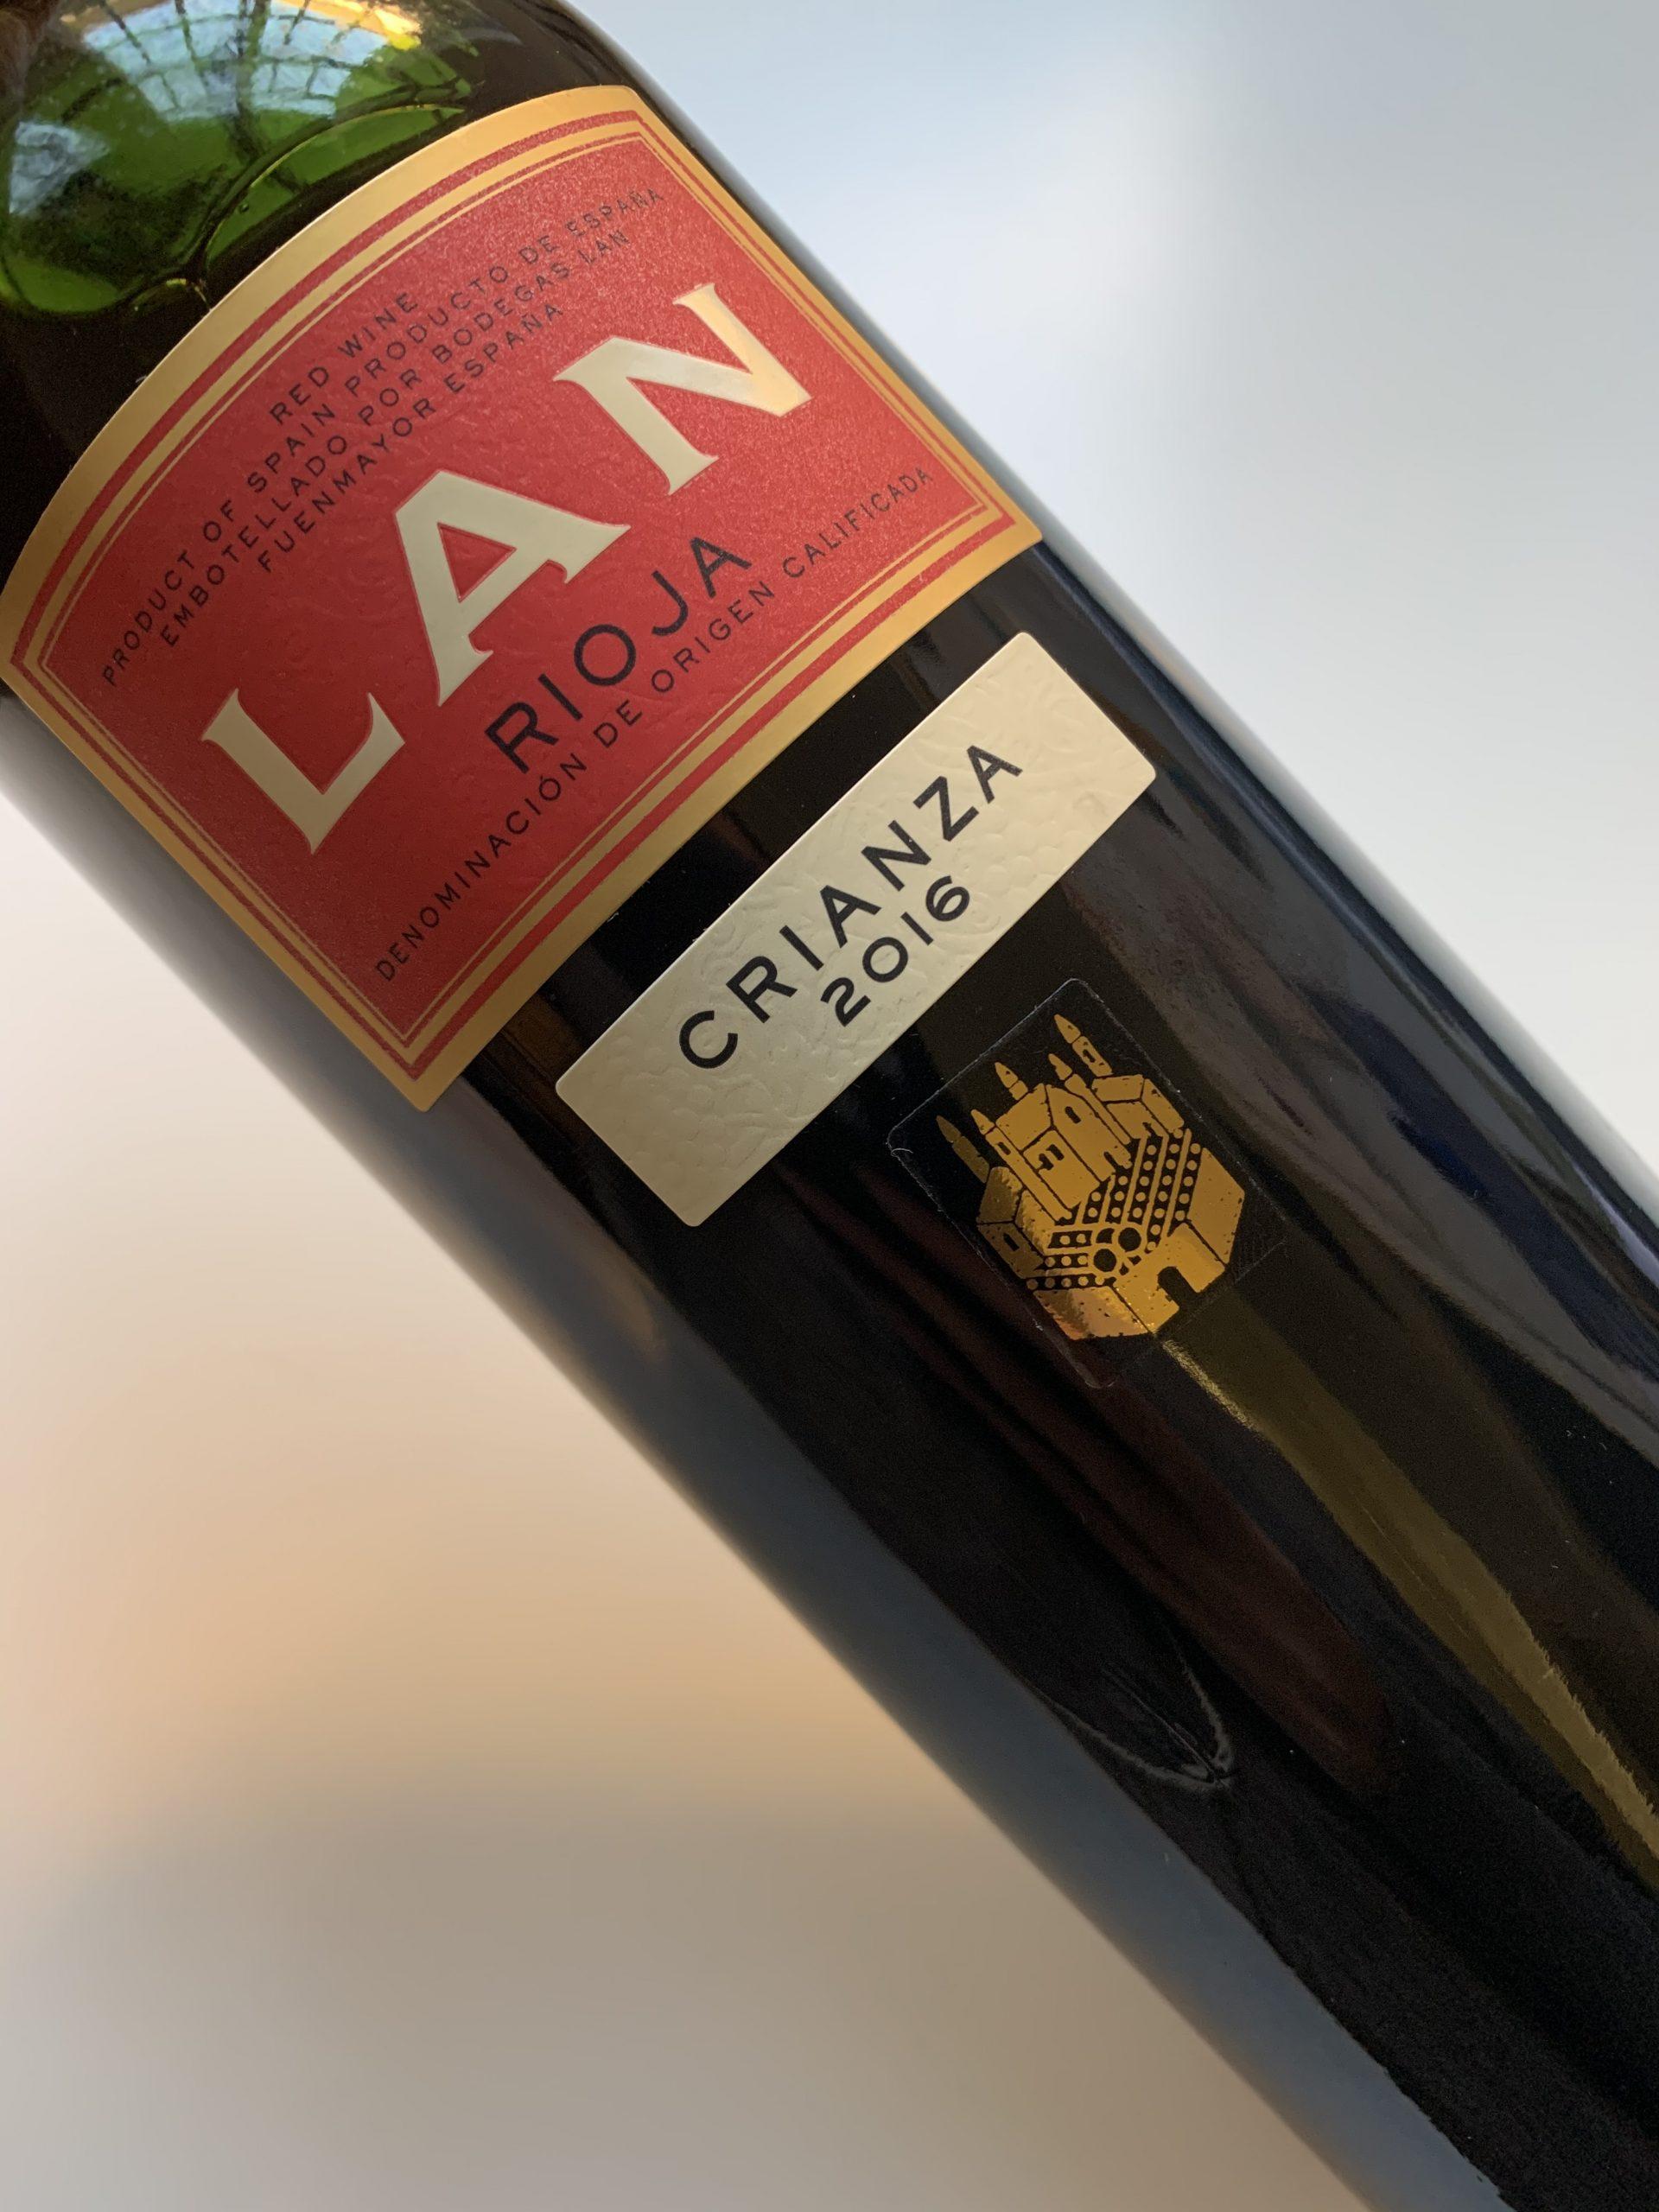 Rioja wine Region LAN Crianza 2016